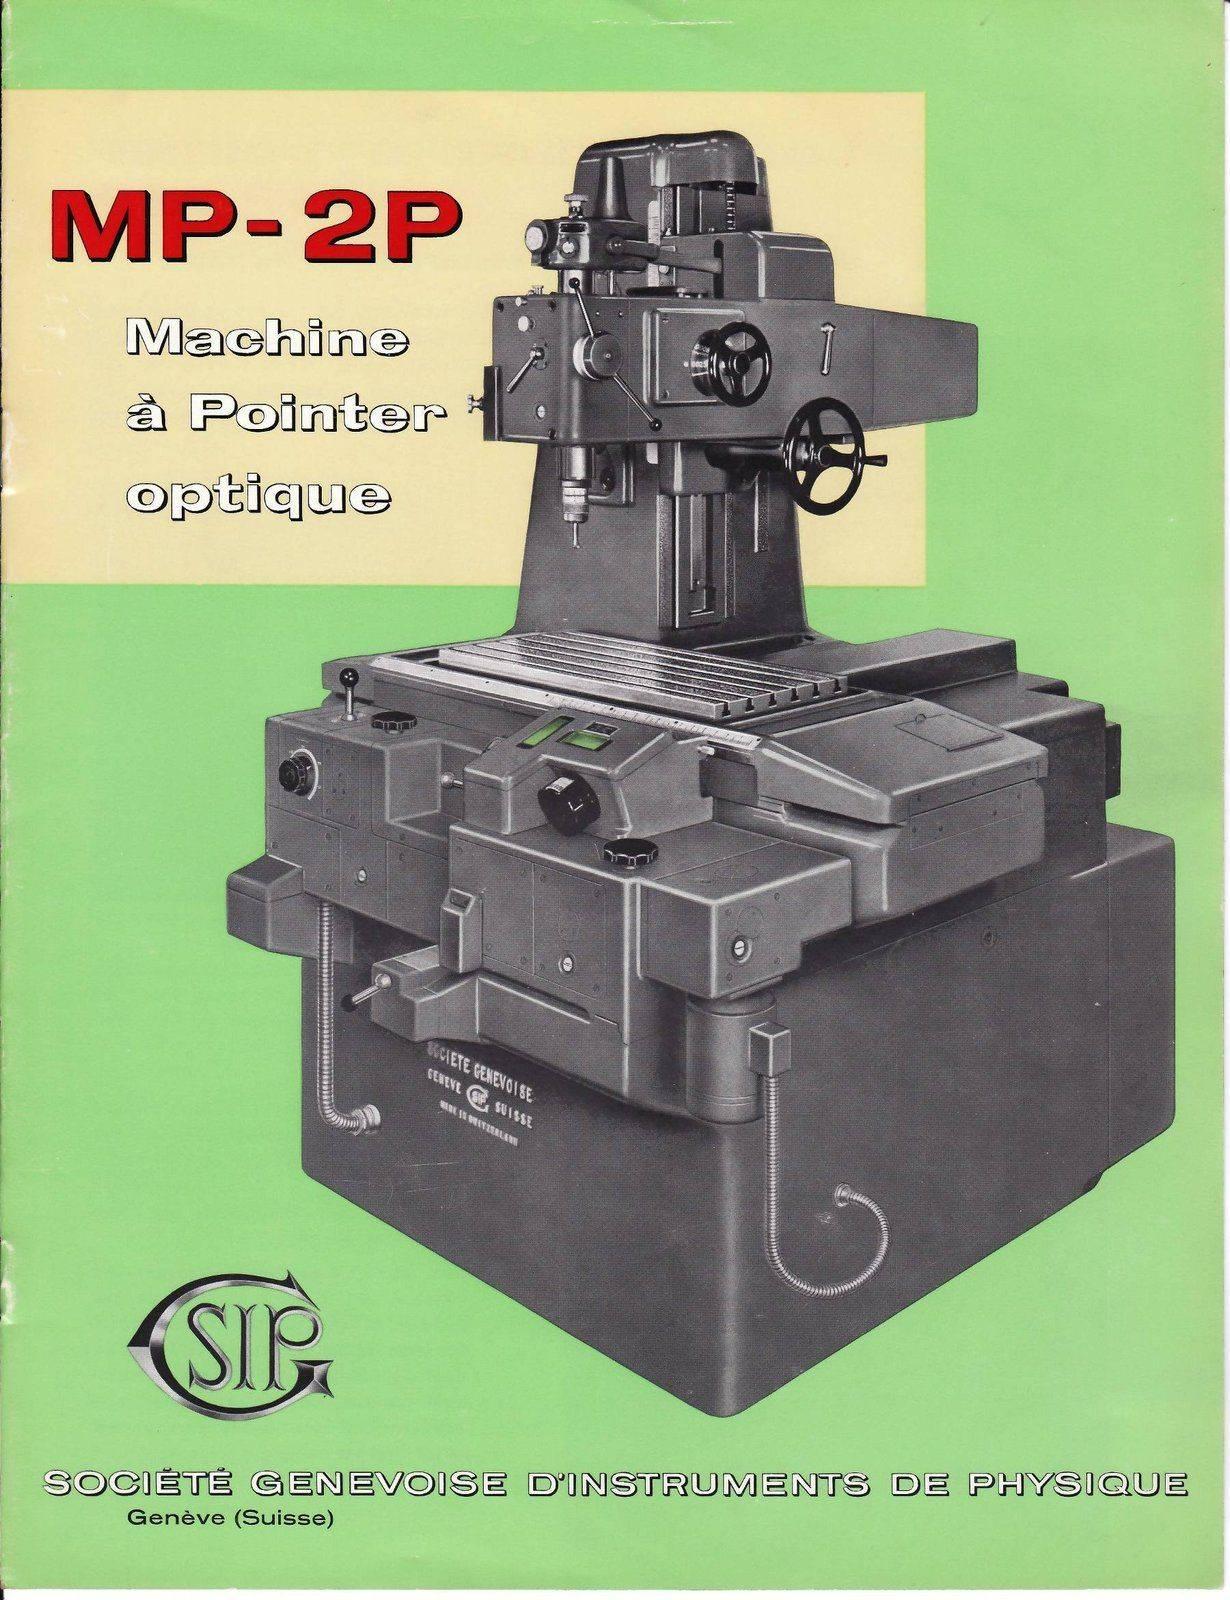 Prospectus MP-2P motorisée_1.jpg